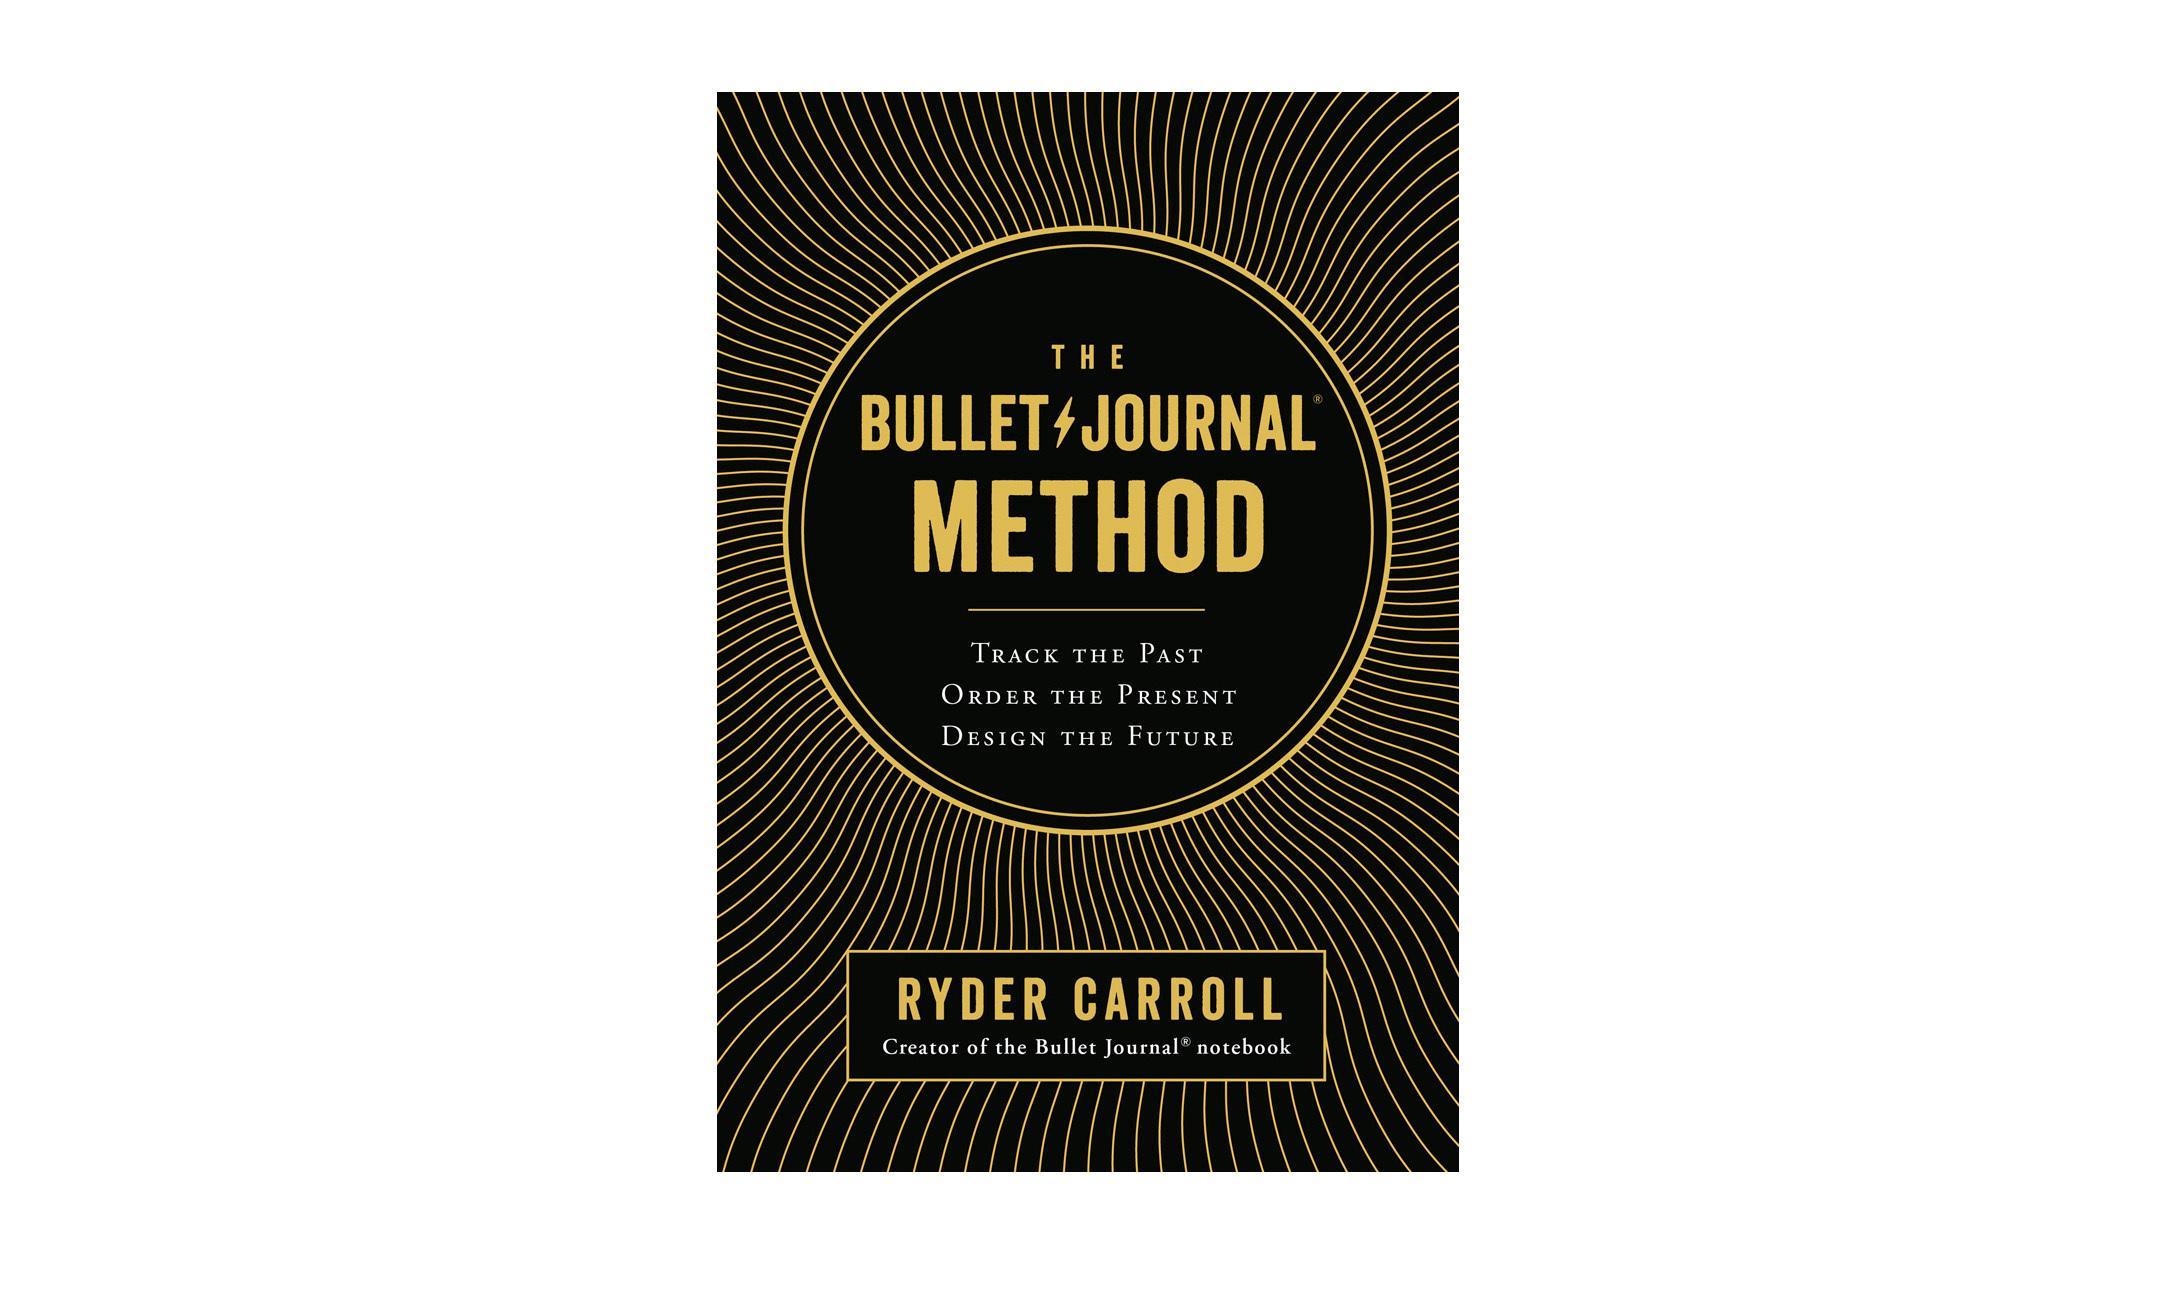 Bullet-Journal-Final-Book-Cover.jpg?mtime=20190107200239#asset:104365